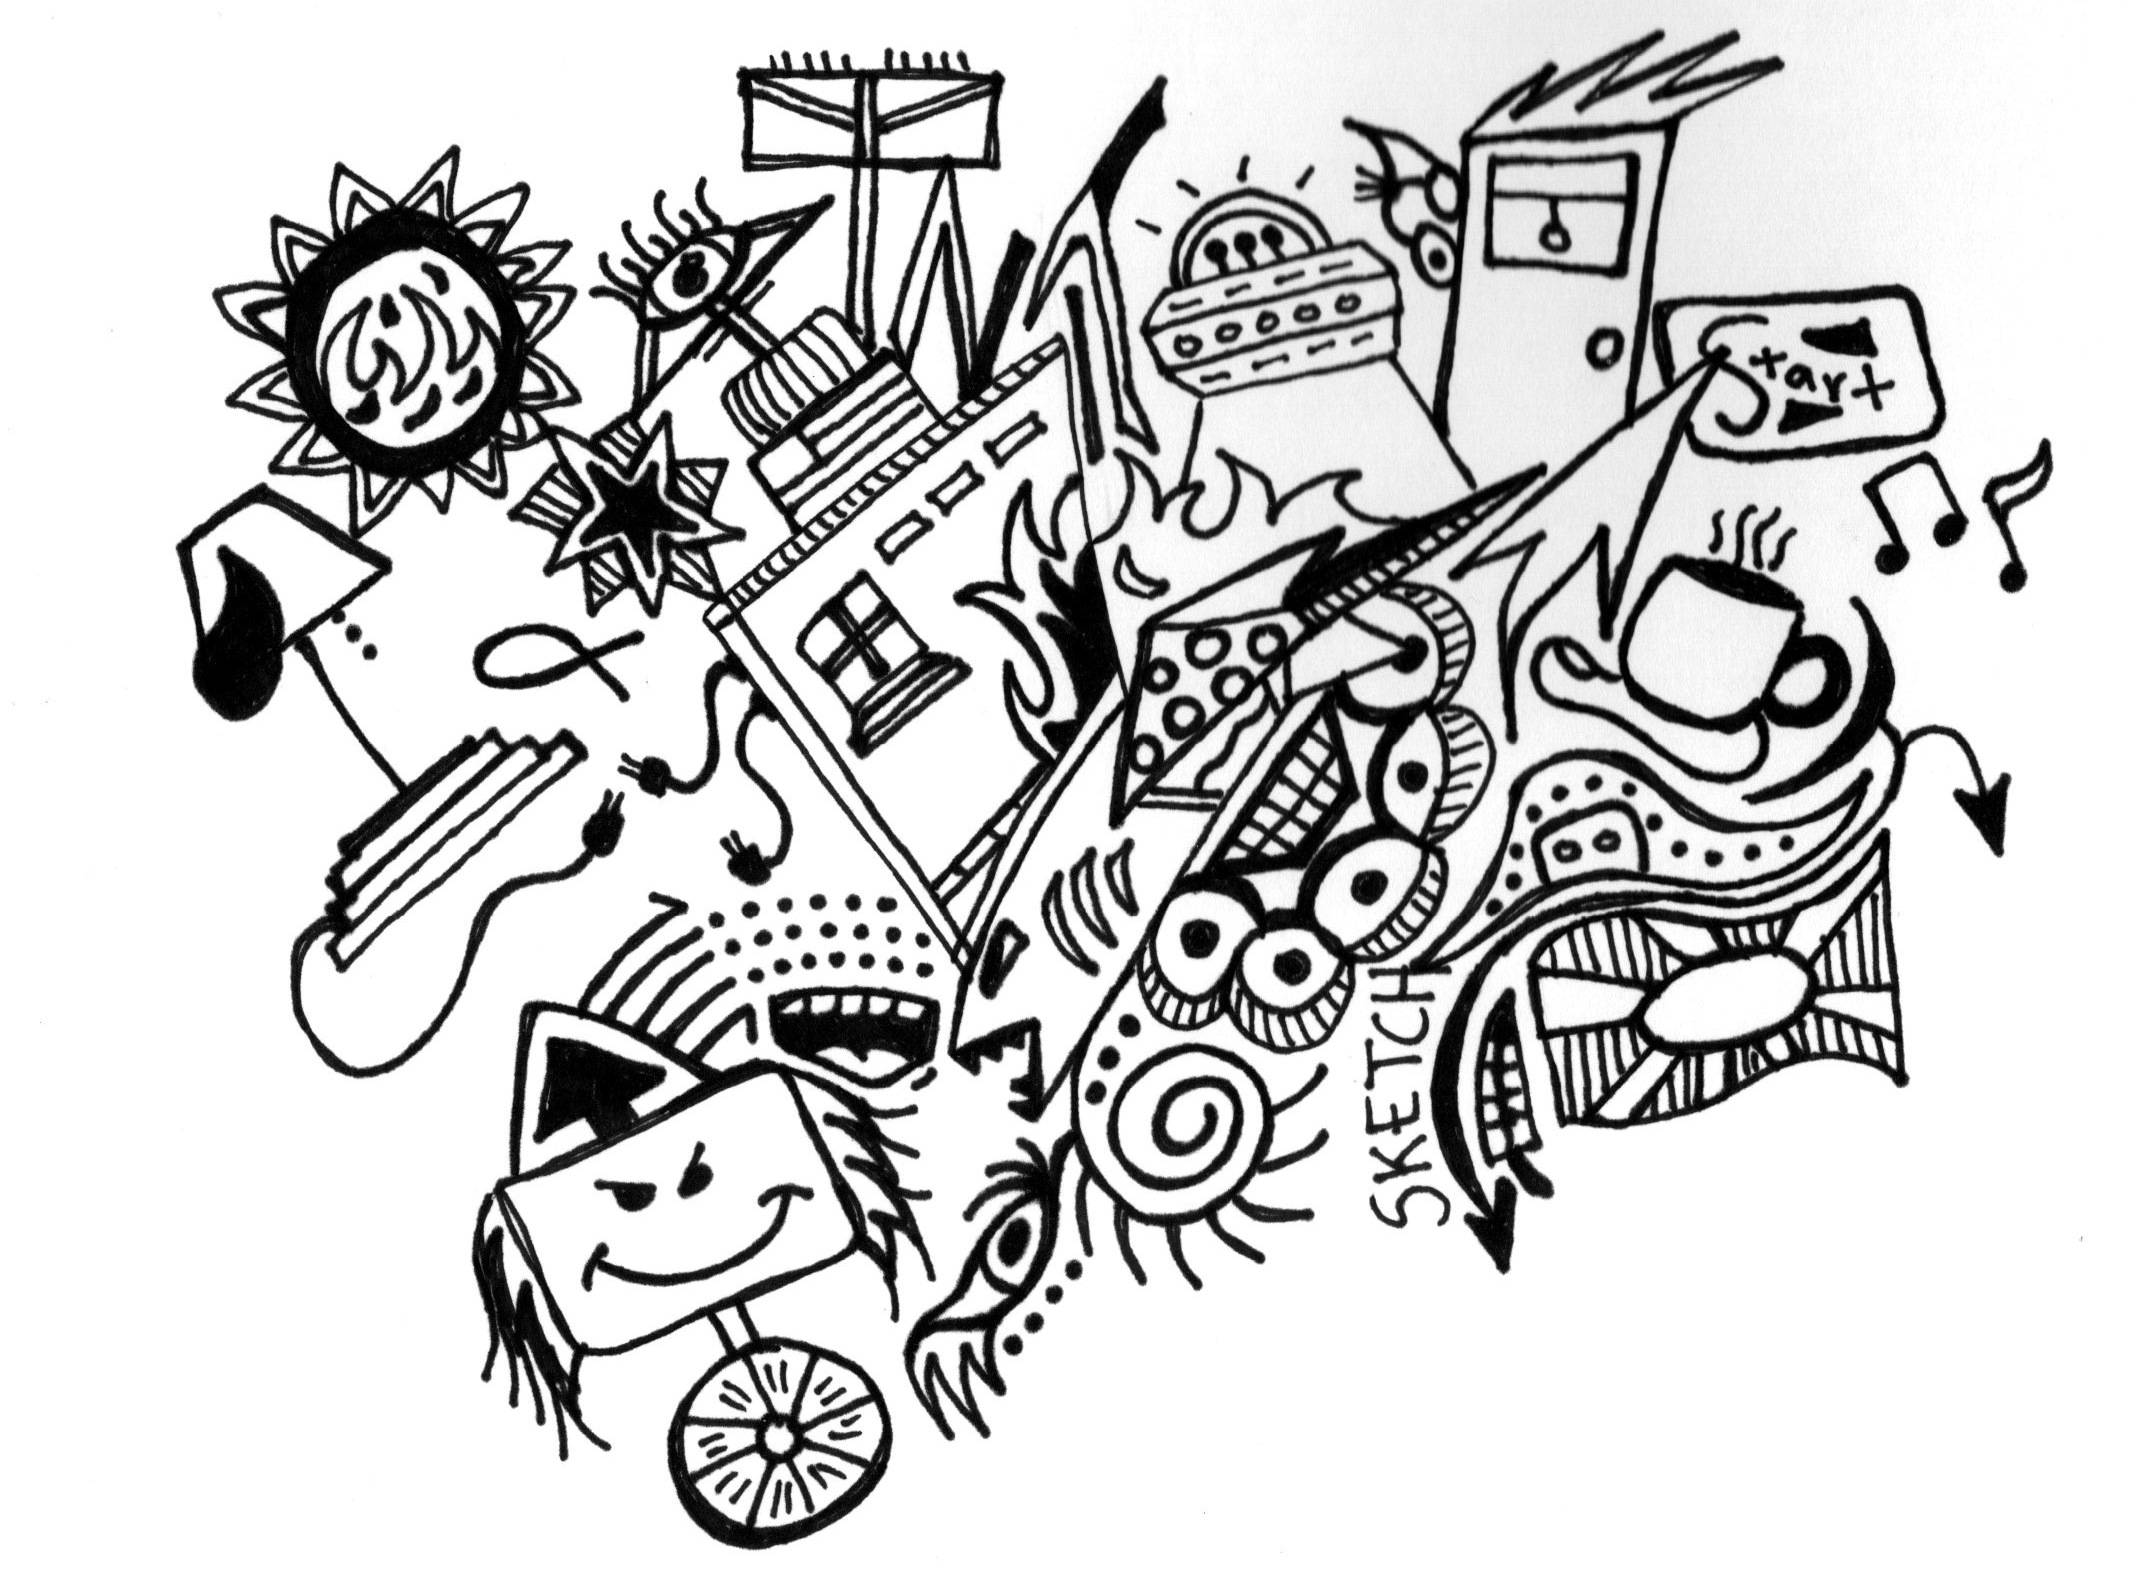 Как выбрать себе занятие: 150 интересных идей хобби